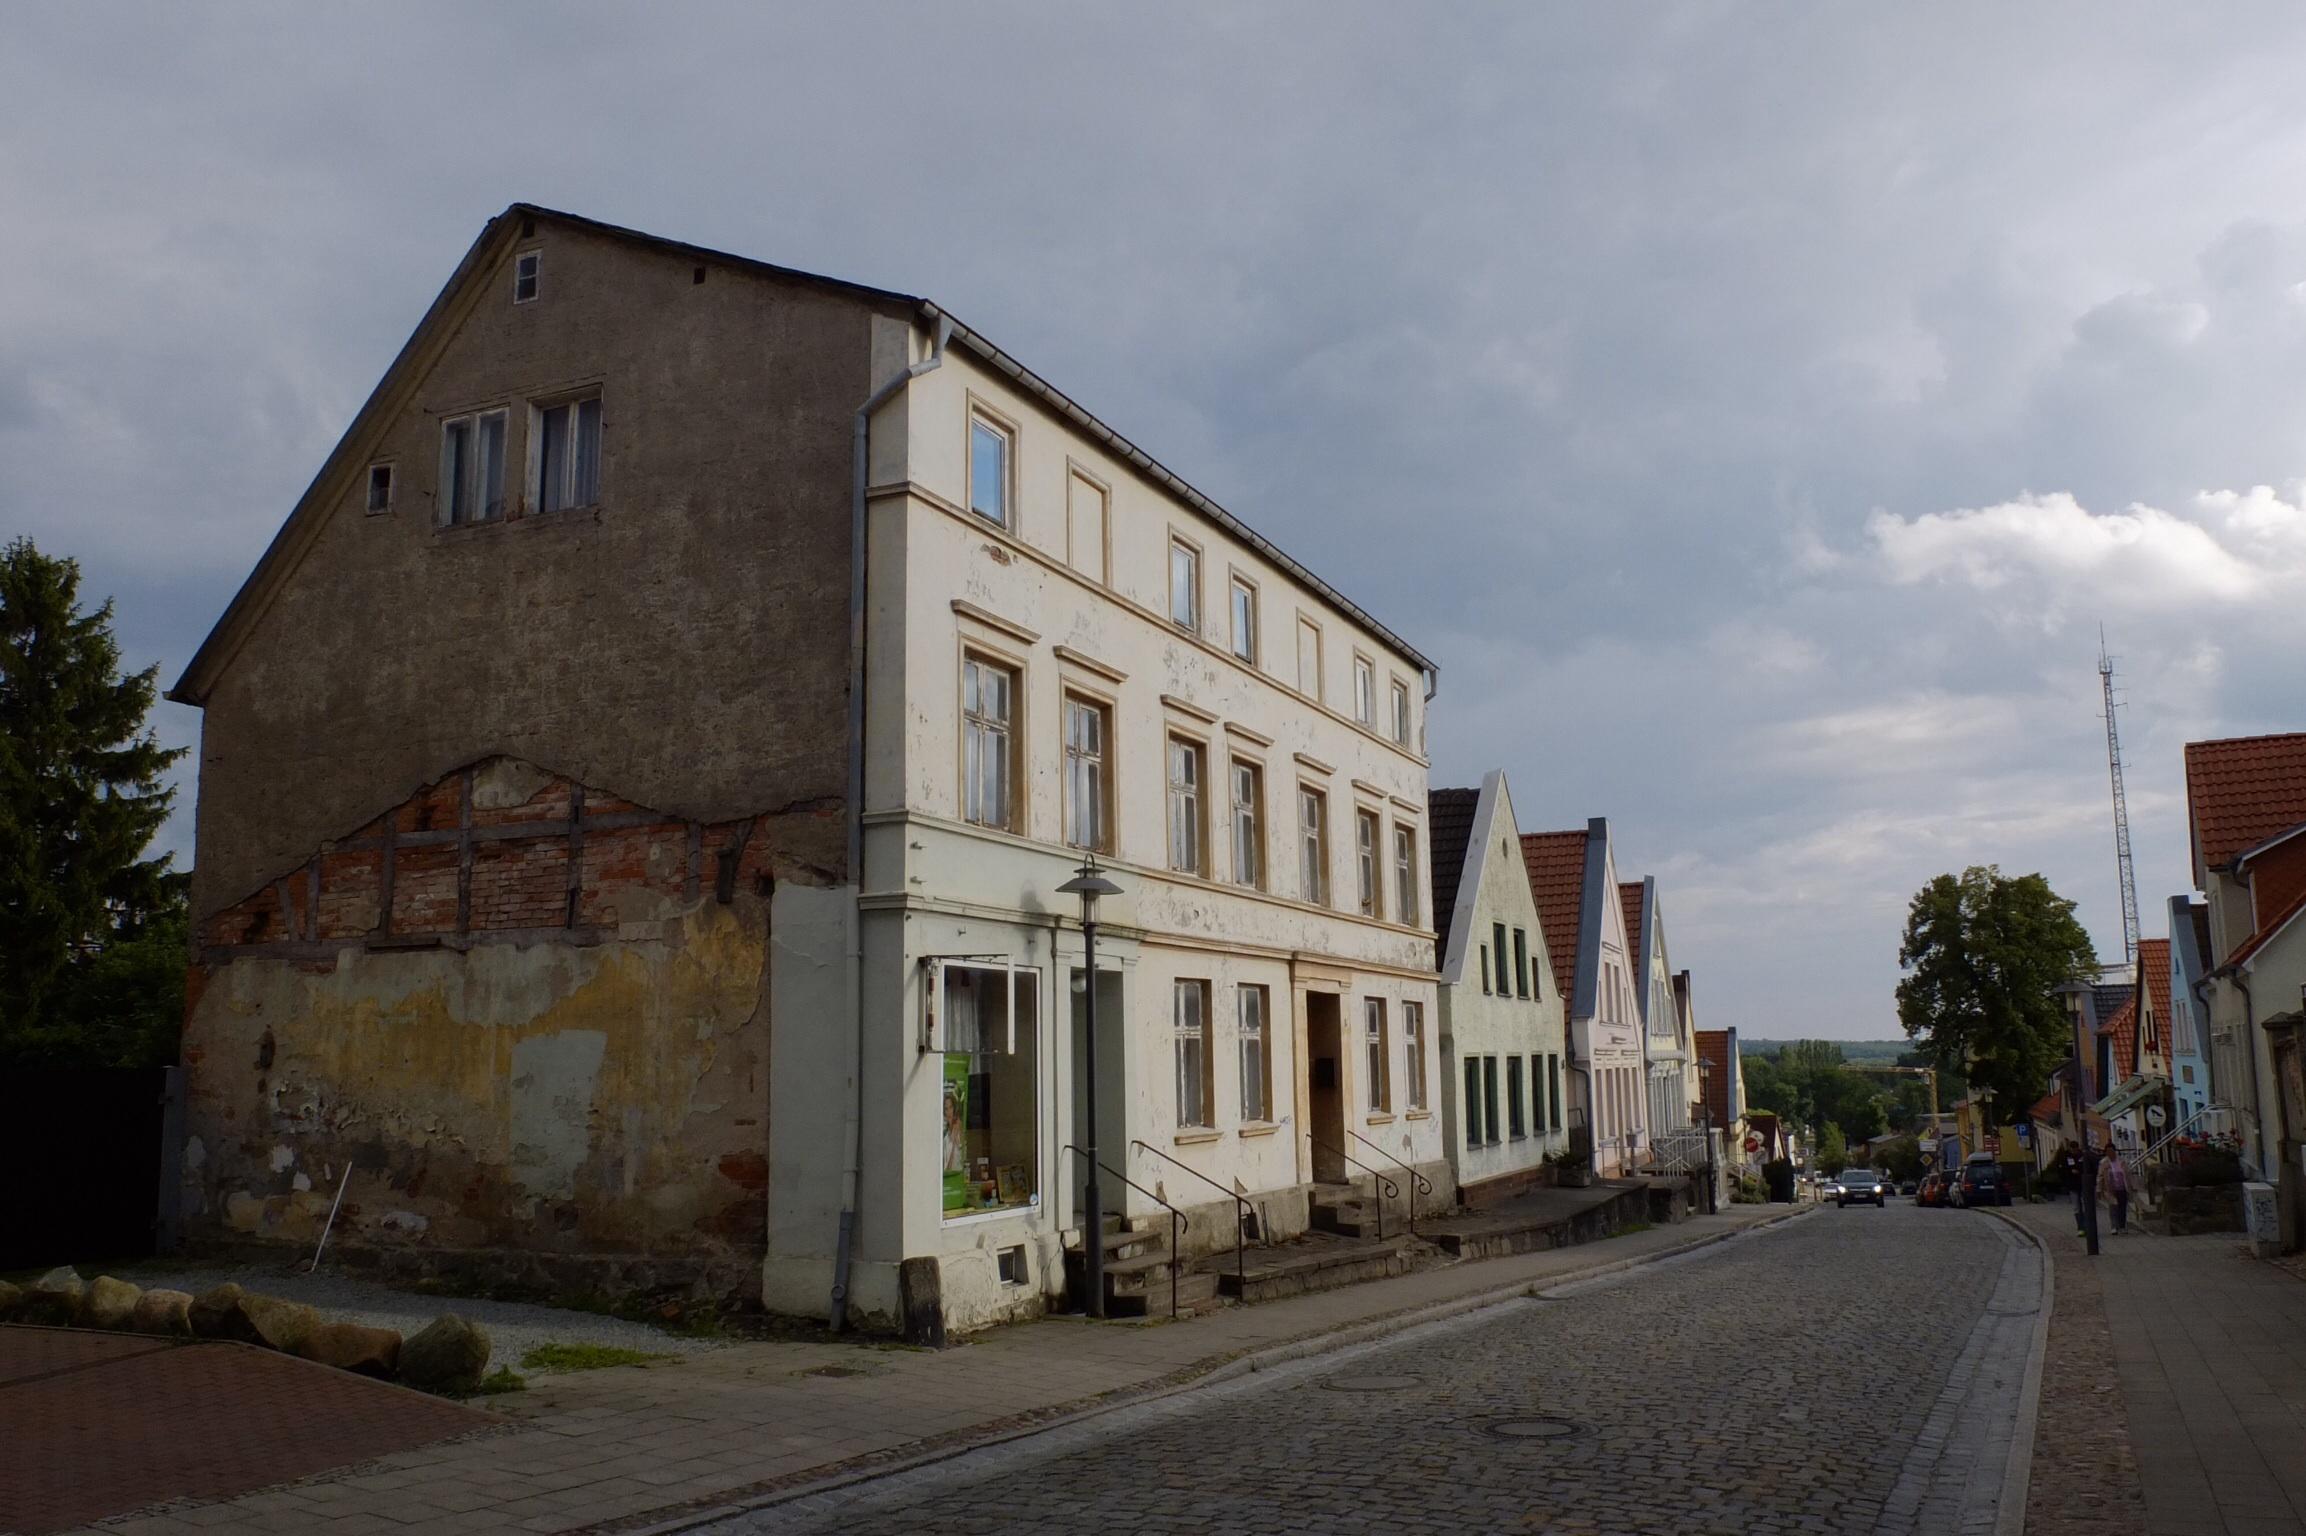 Gadeparti fra Bergen - en lille hyggelig by - en perle.